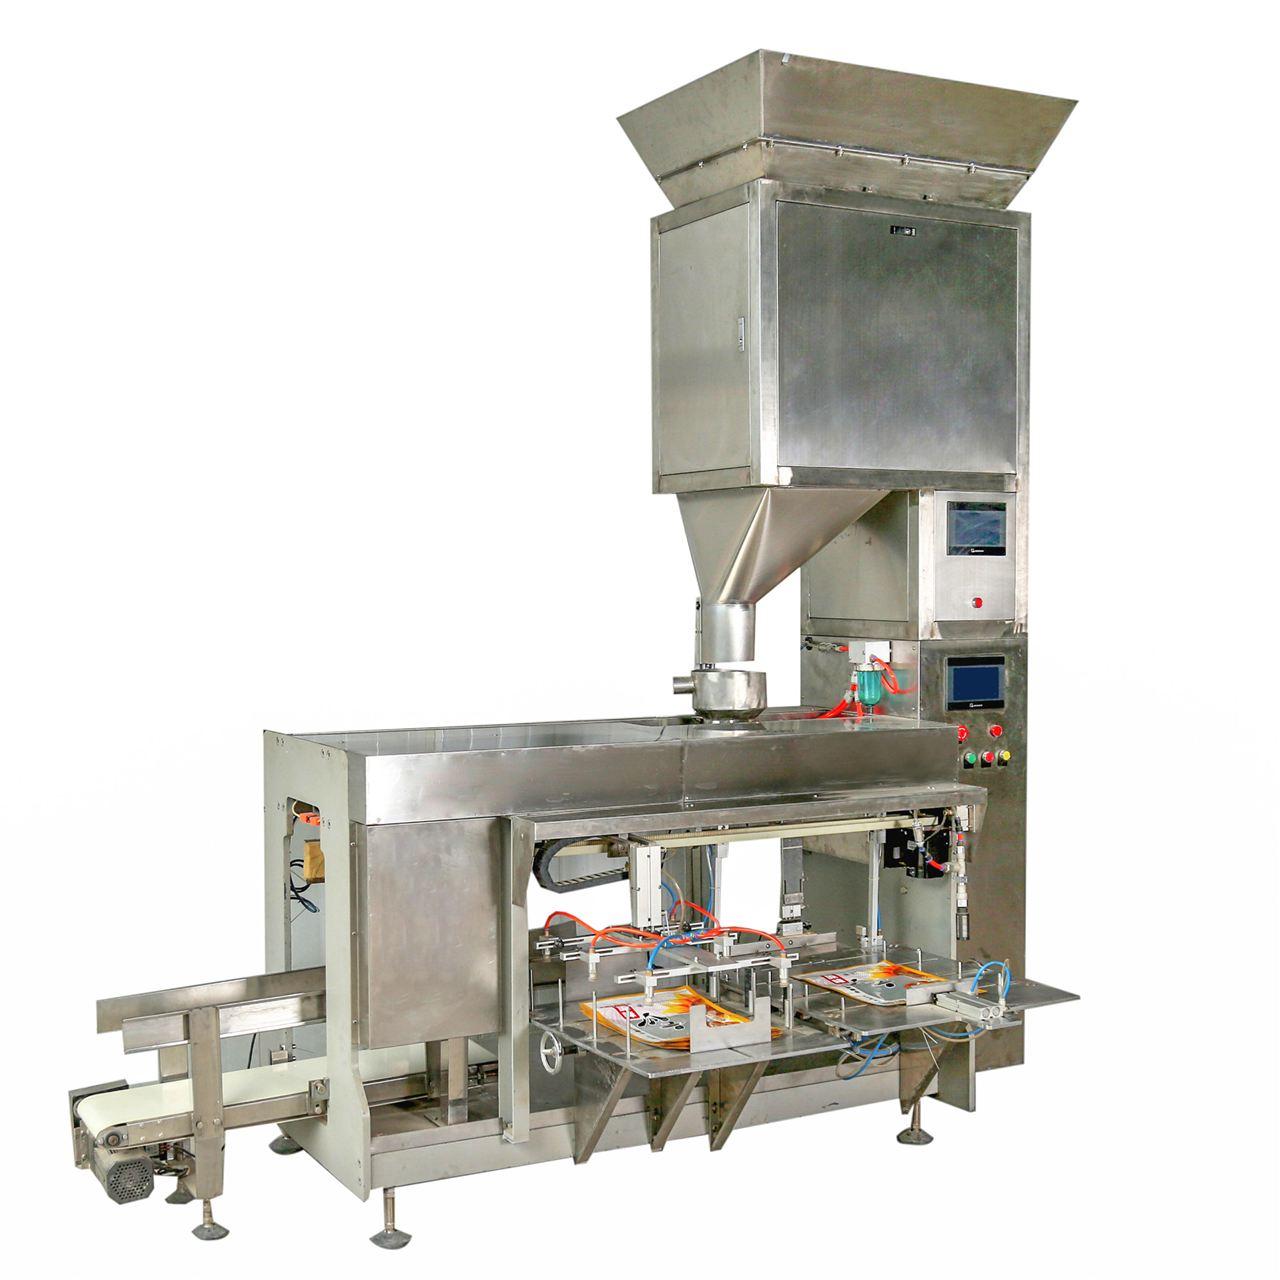 杂粮全自动包装机-杂粮全自动包装机批发、促销价... - 阿里巴巴